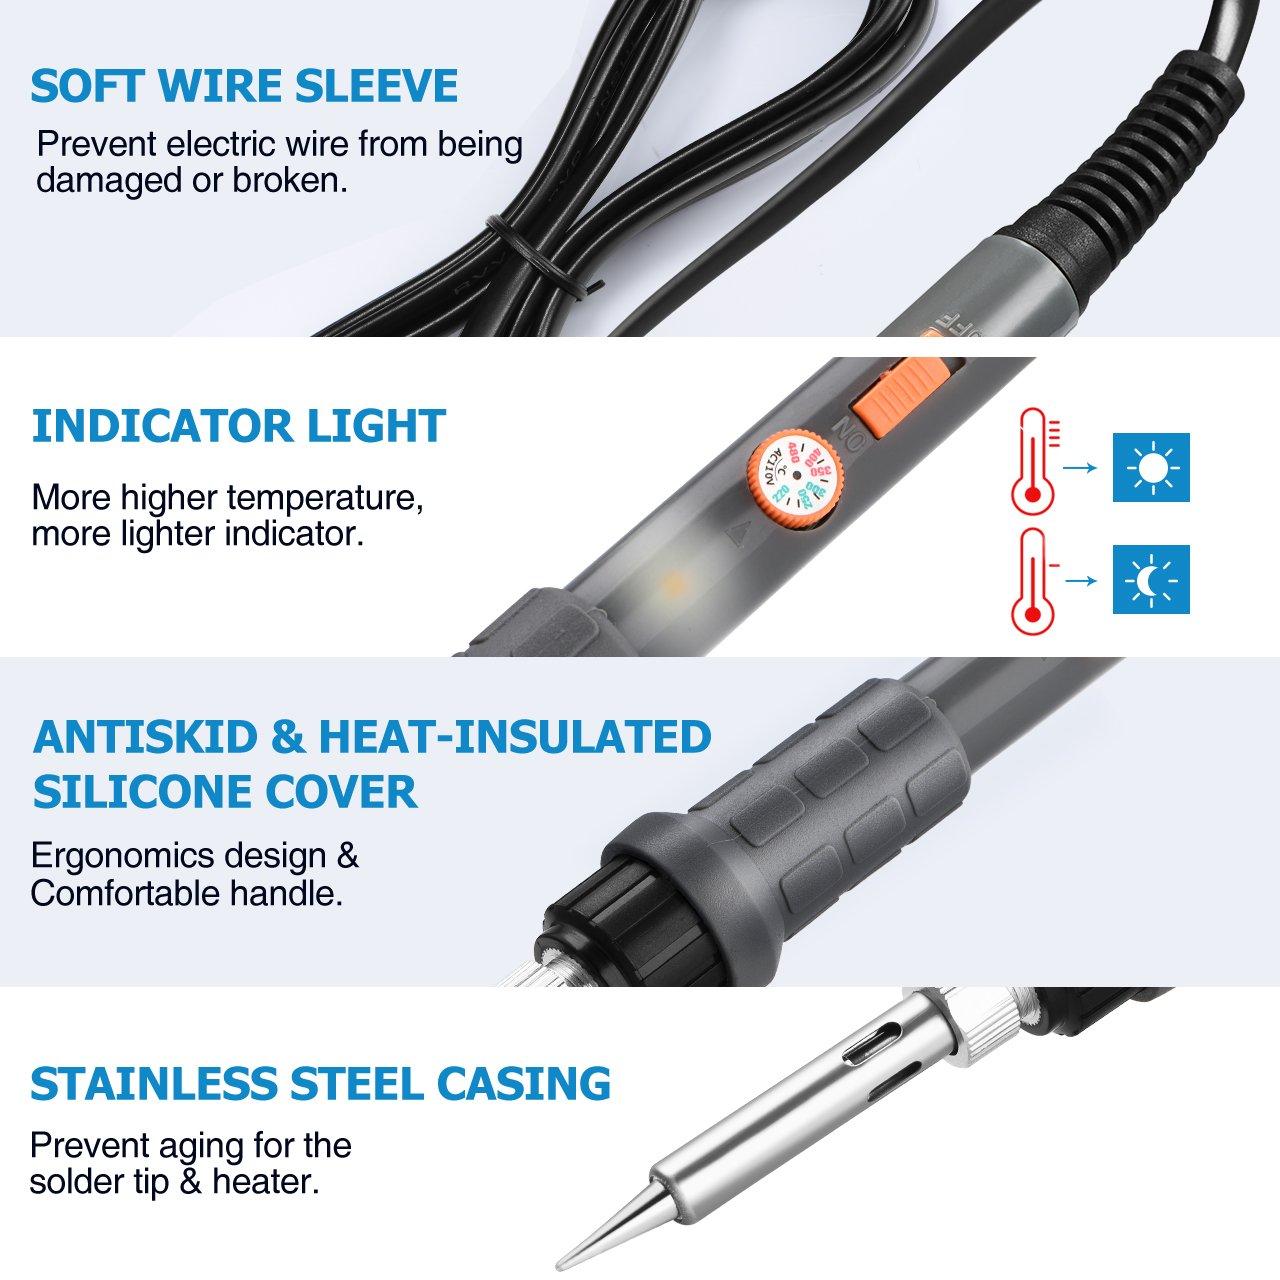 HoLife Soldador de Estaño Profesional 220v 60w con Interruptor Temperatura Ajustable(220-480 ° C) y 5PCS Puntas Diferentes de Soldador Electrico: Amazon.es: ...